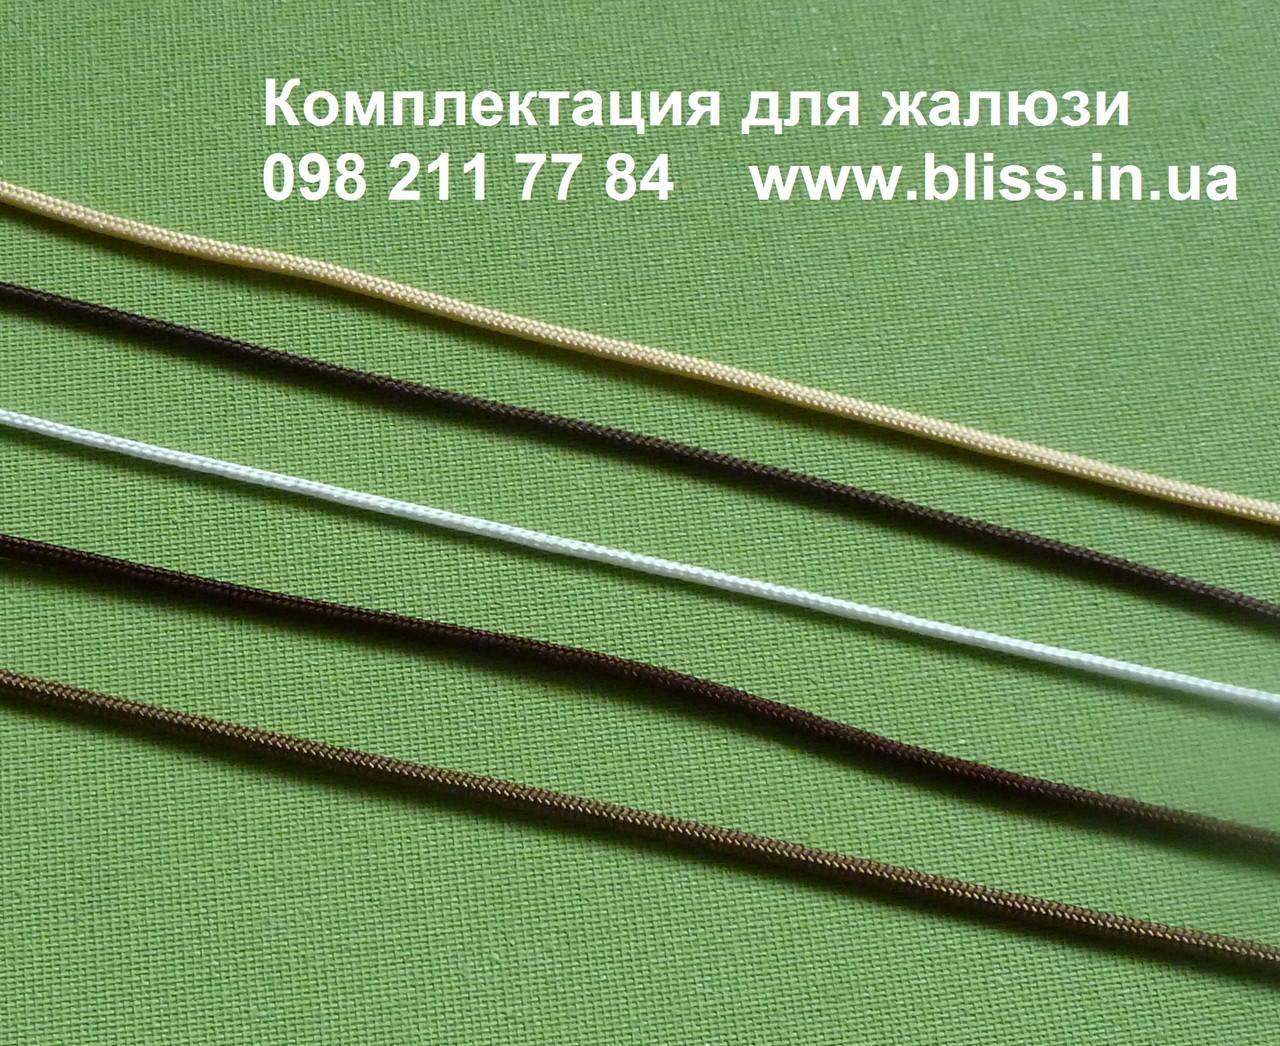 Нитка для жалюзи цветная - Компания Блисс                                                                       (096) 703-85-03 в Киеве